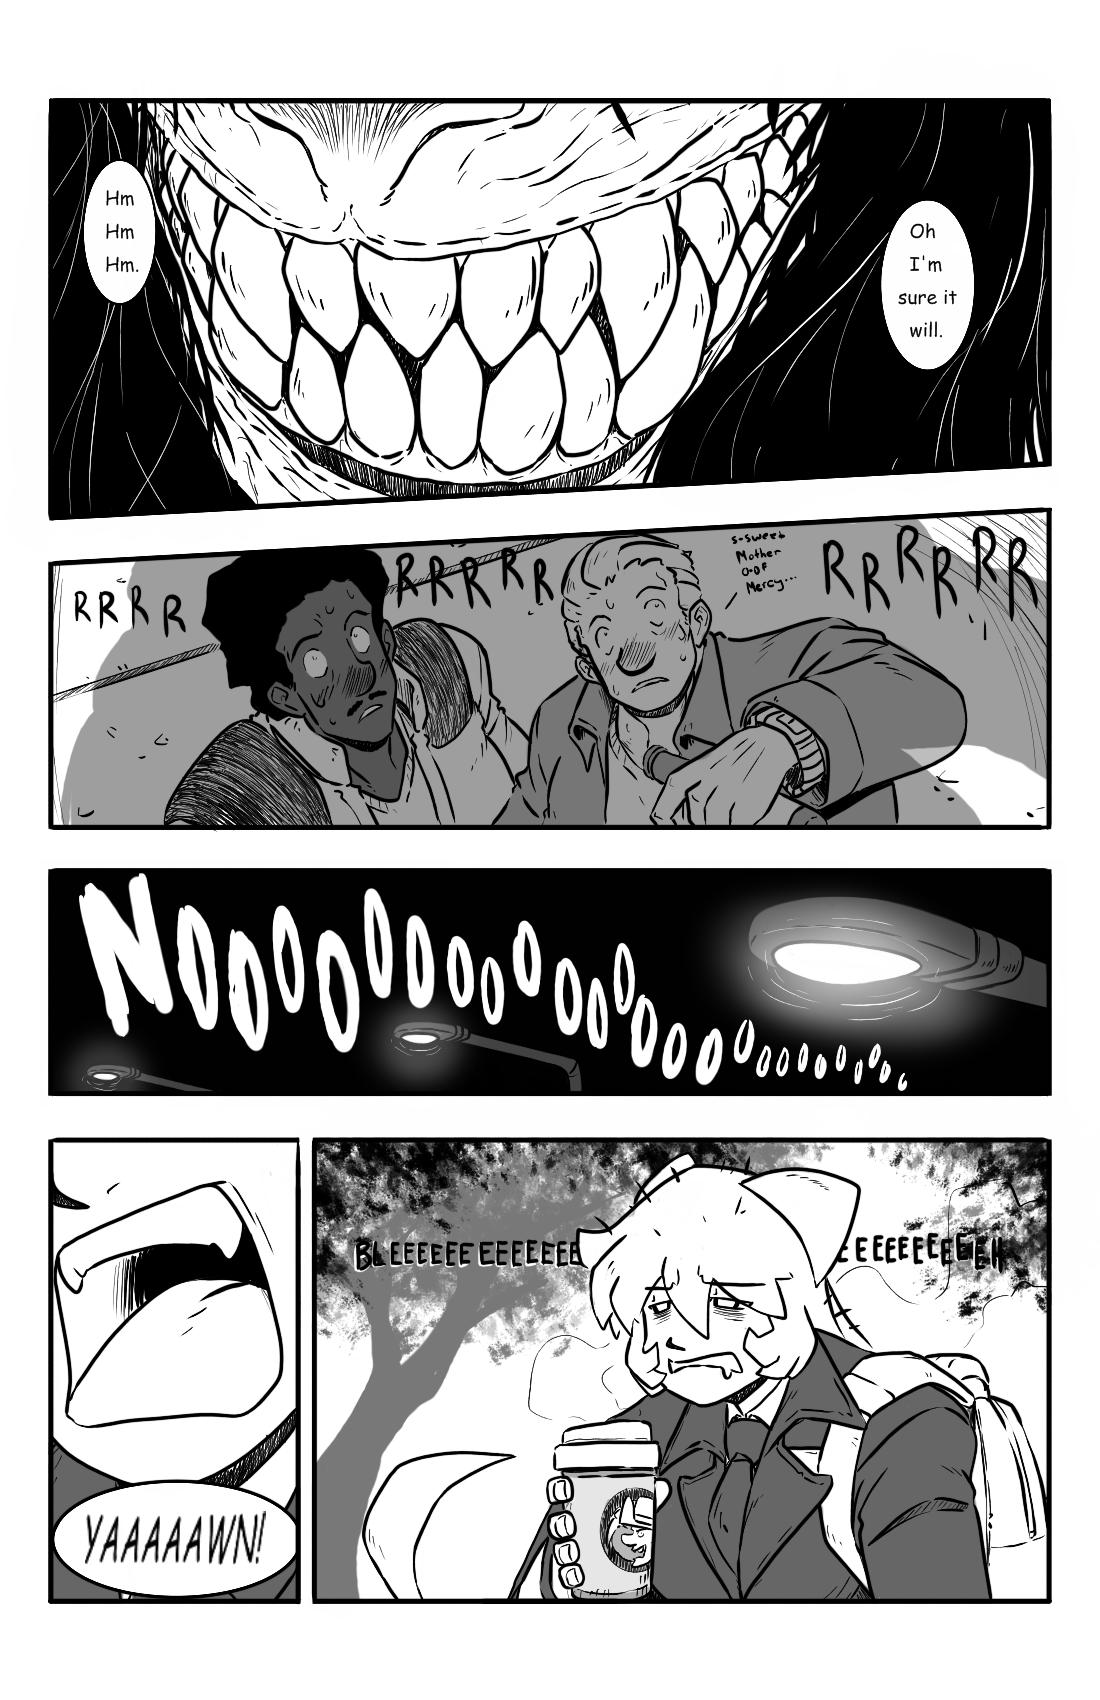 Bad Moon Rising pg.3